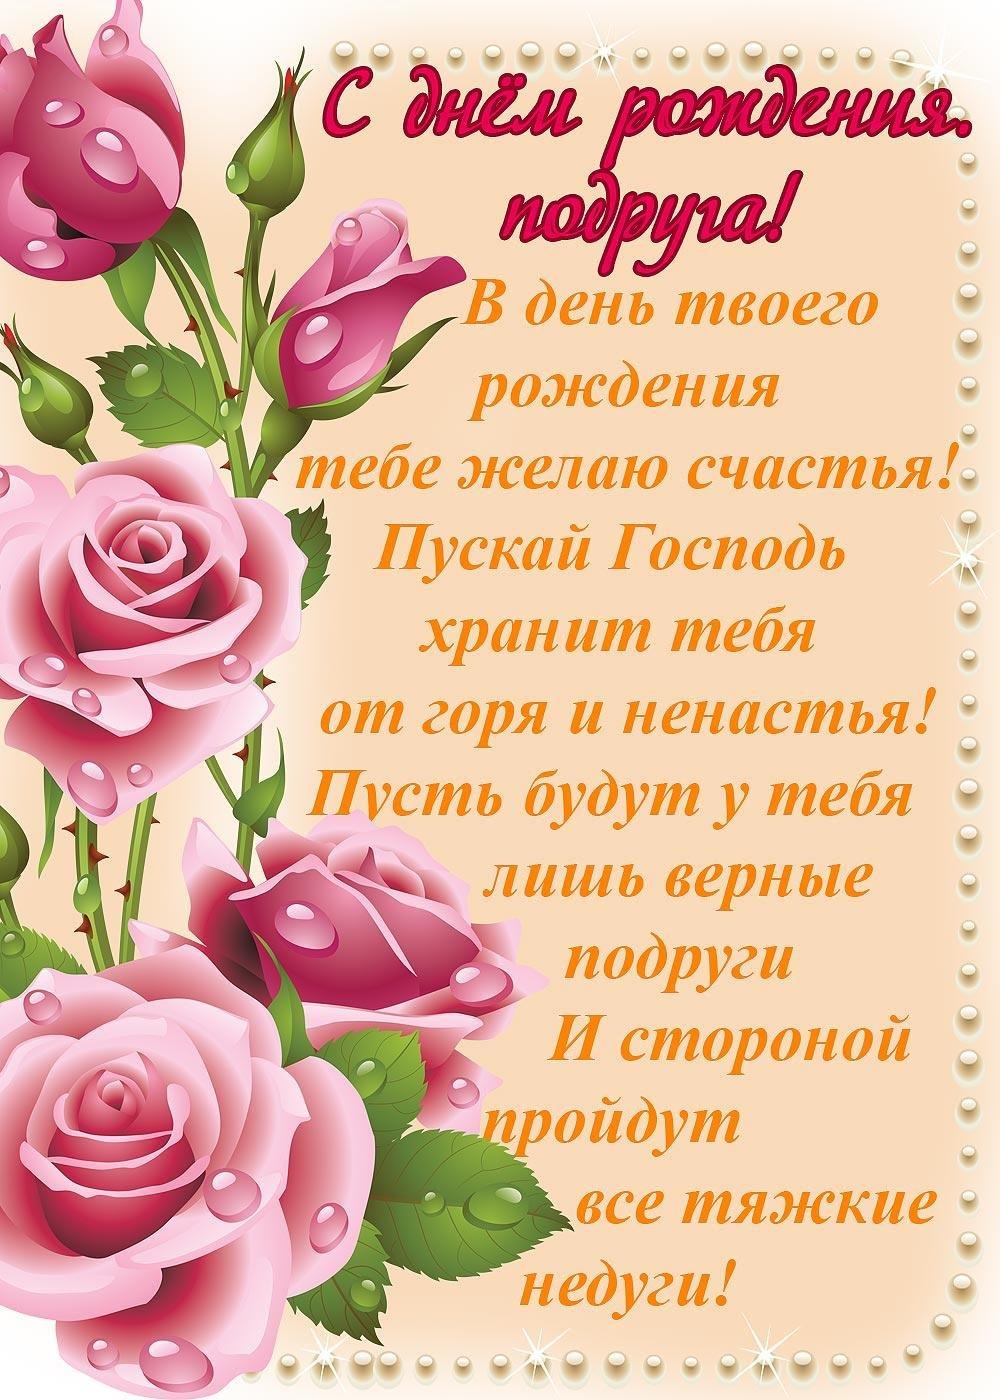 Защитников, открытки пожелания для подруги